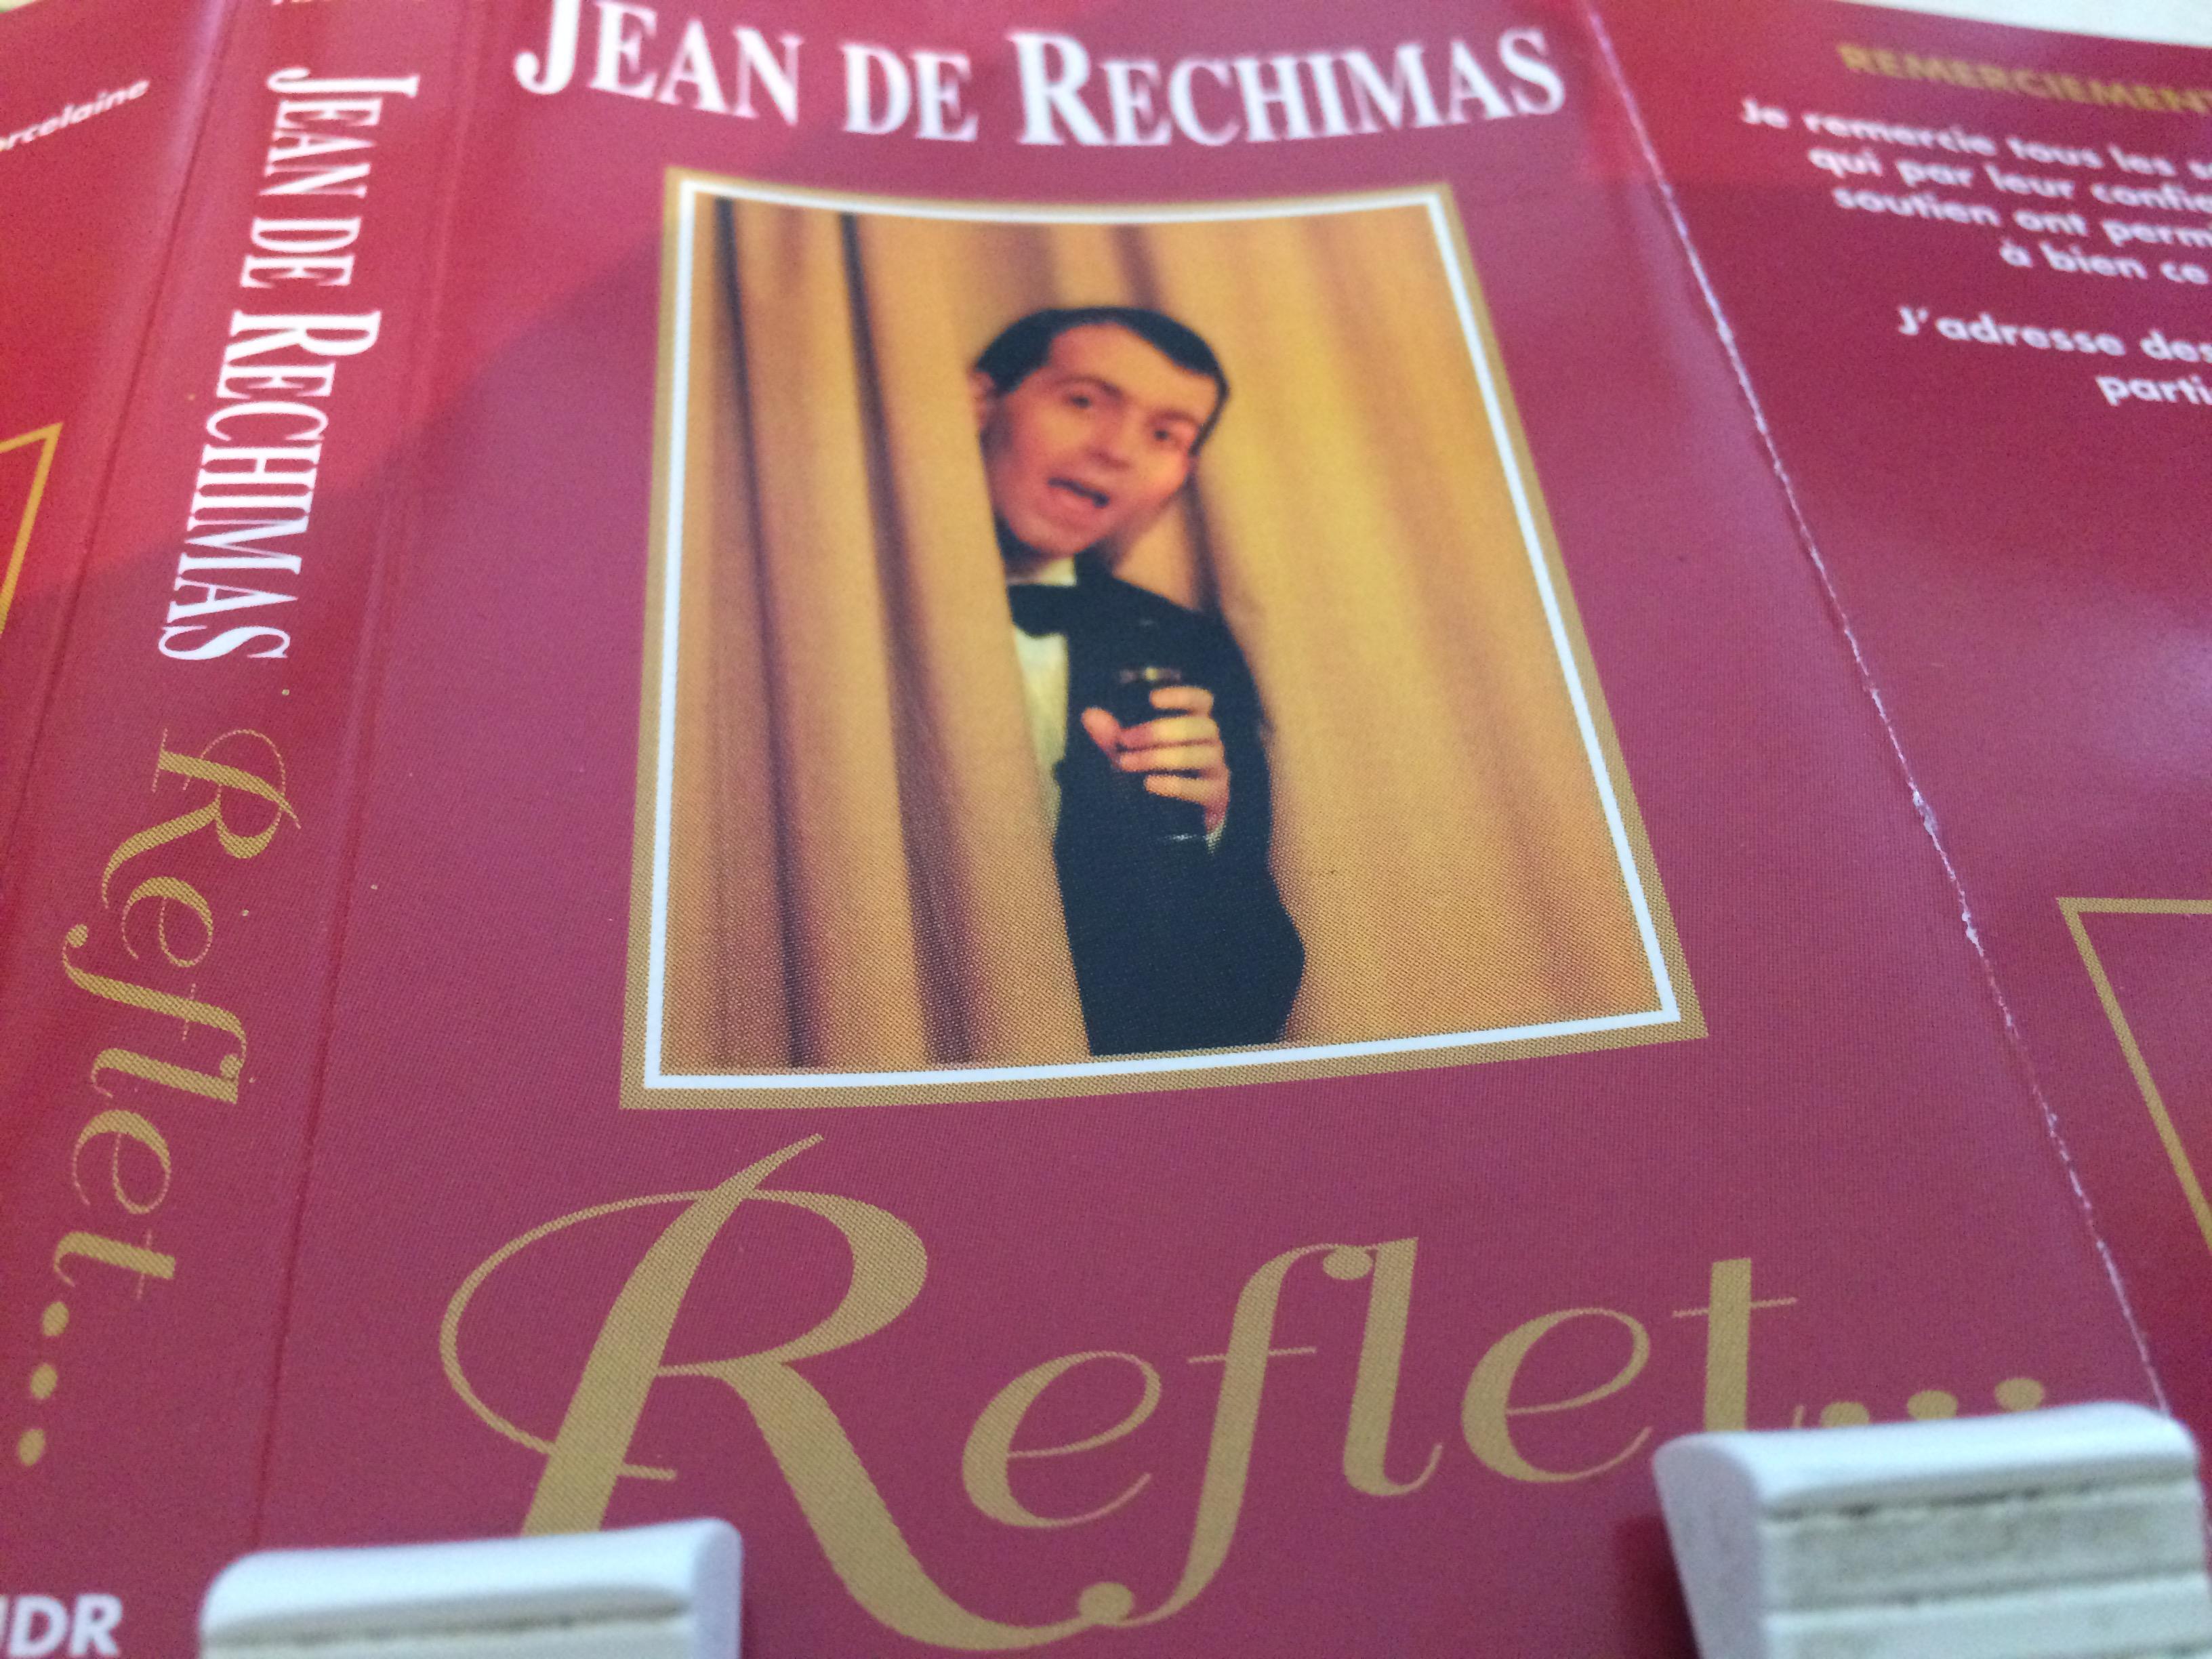 hommage a jean de rechimas 110219